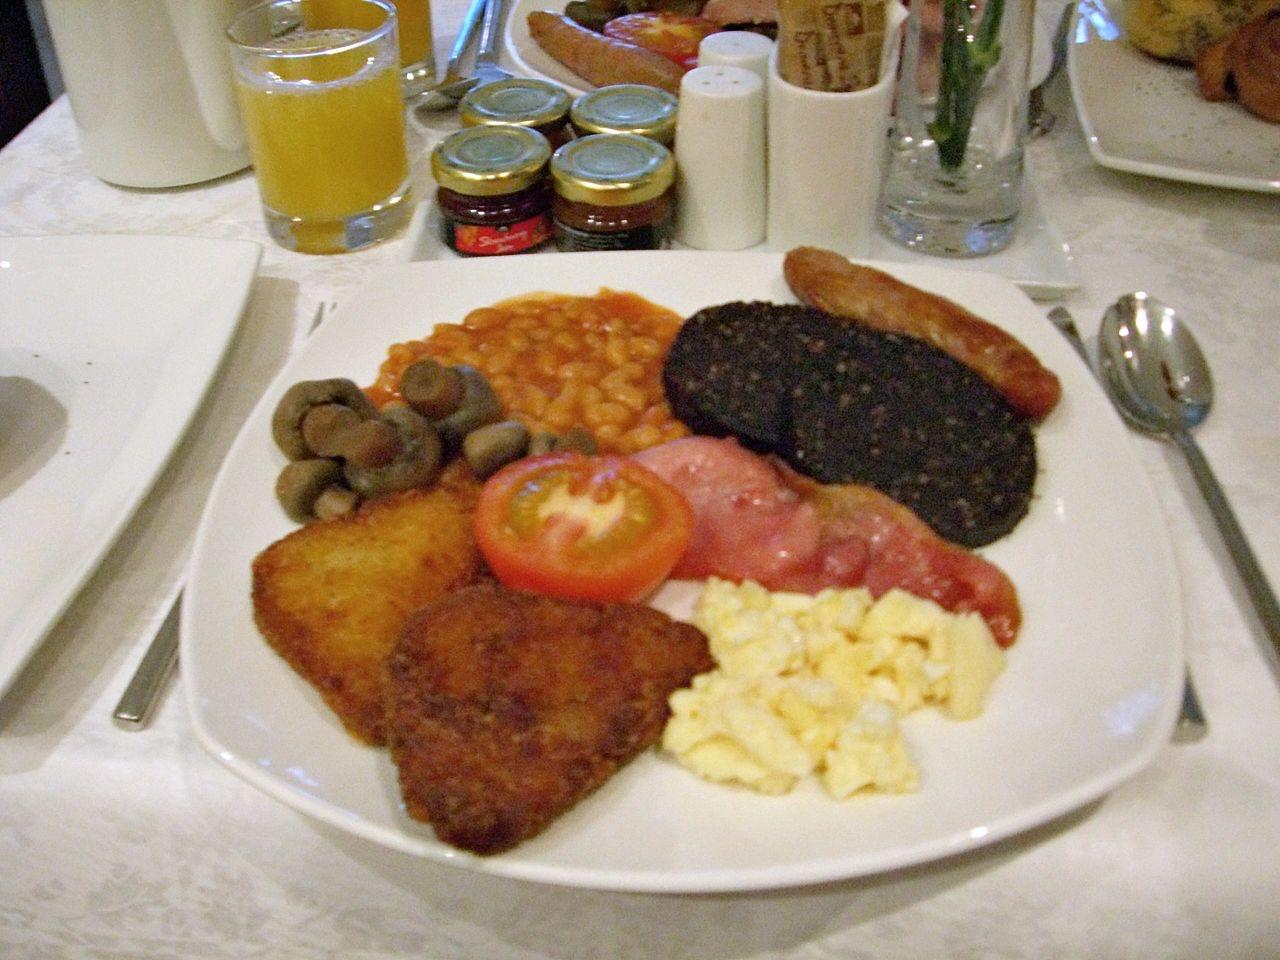 【画像】不味い不味い言われてるイギリスの料理がこちらwwwwwwwwwwwwwwwwwwwwwwwwwwwwww